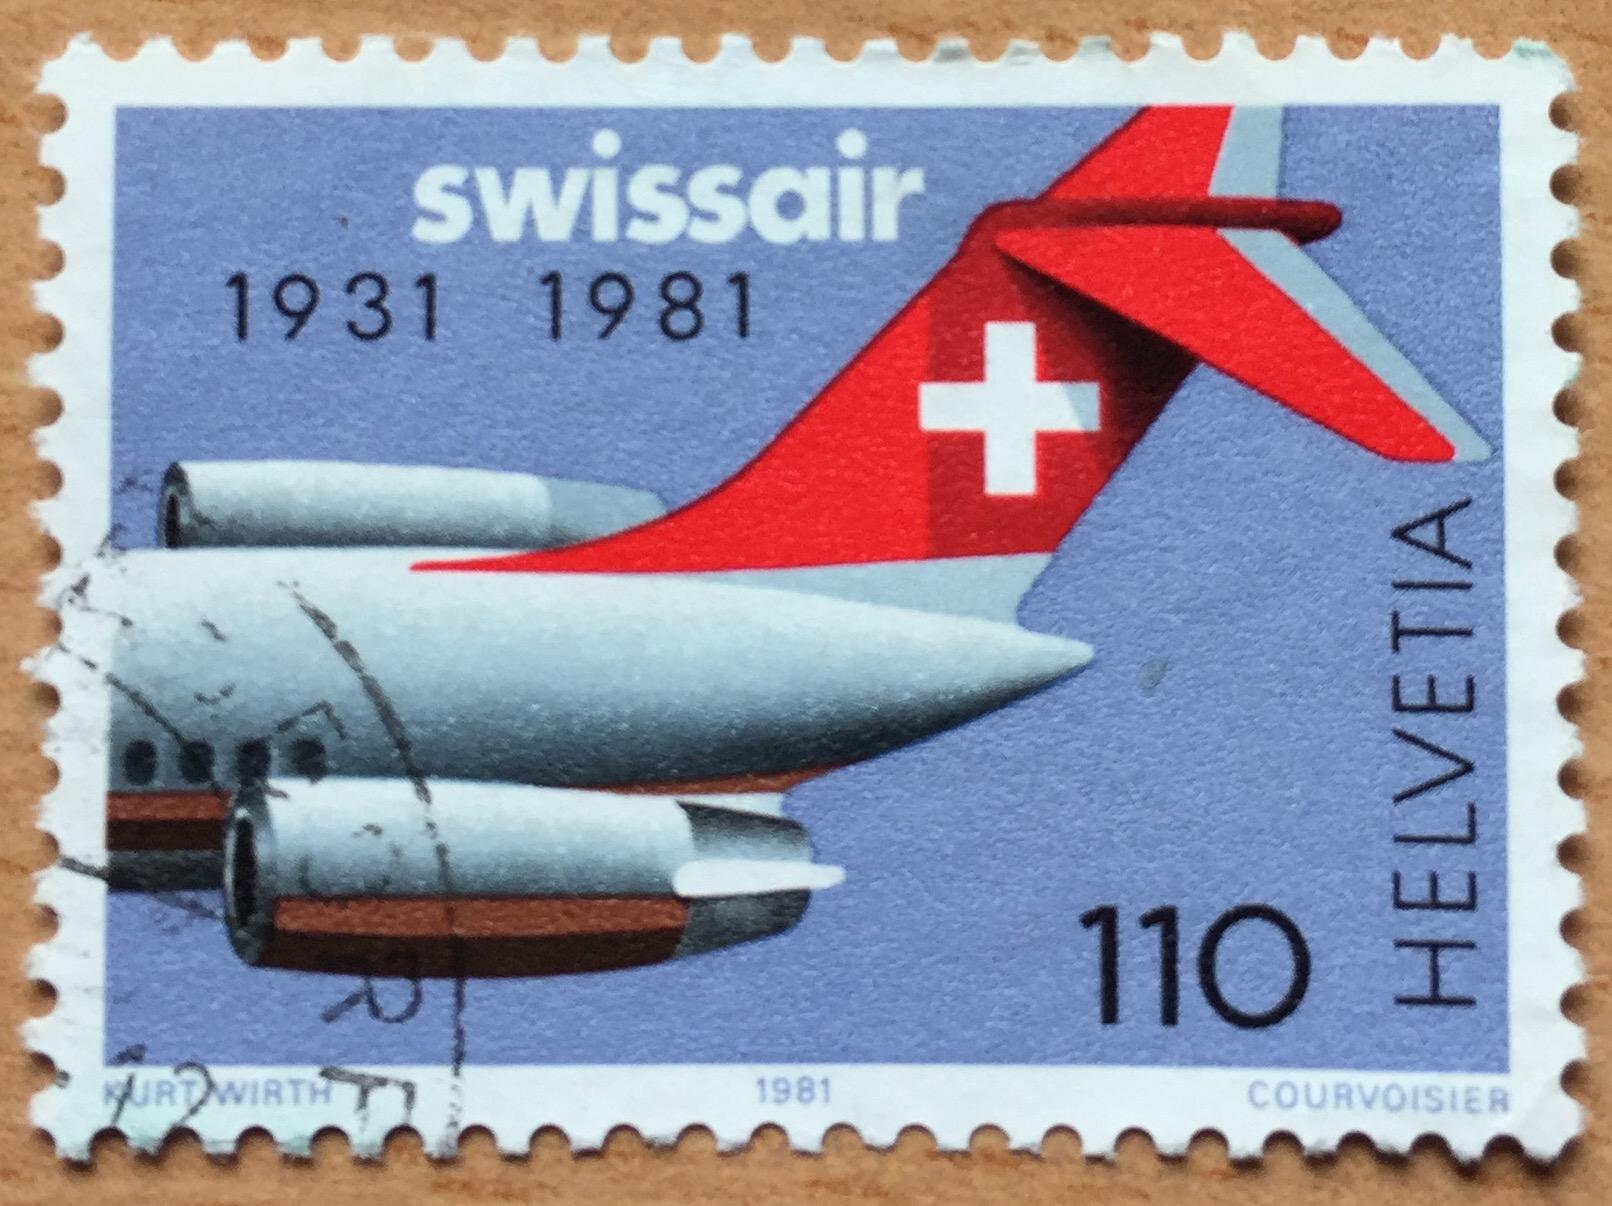 Swiss Post 1981 stamp celebrating Swissair's 50th anniversary.